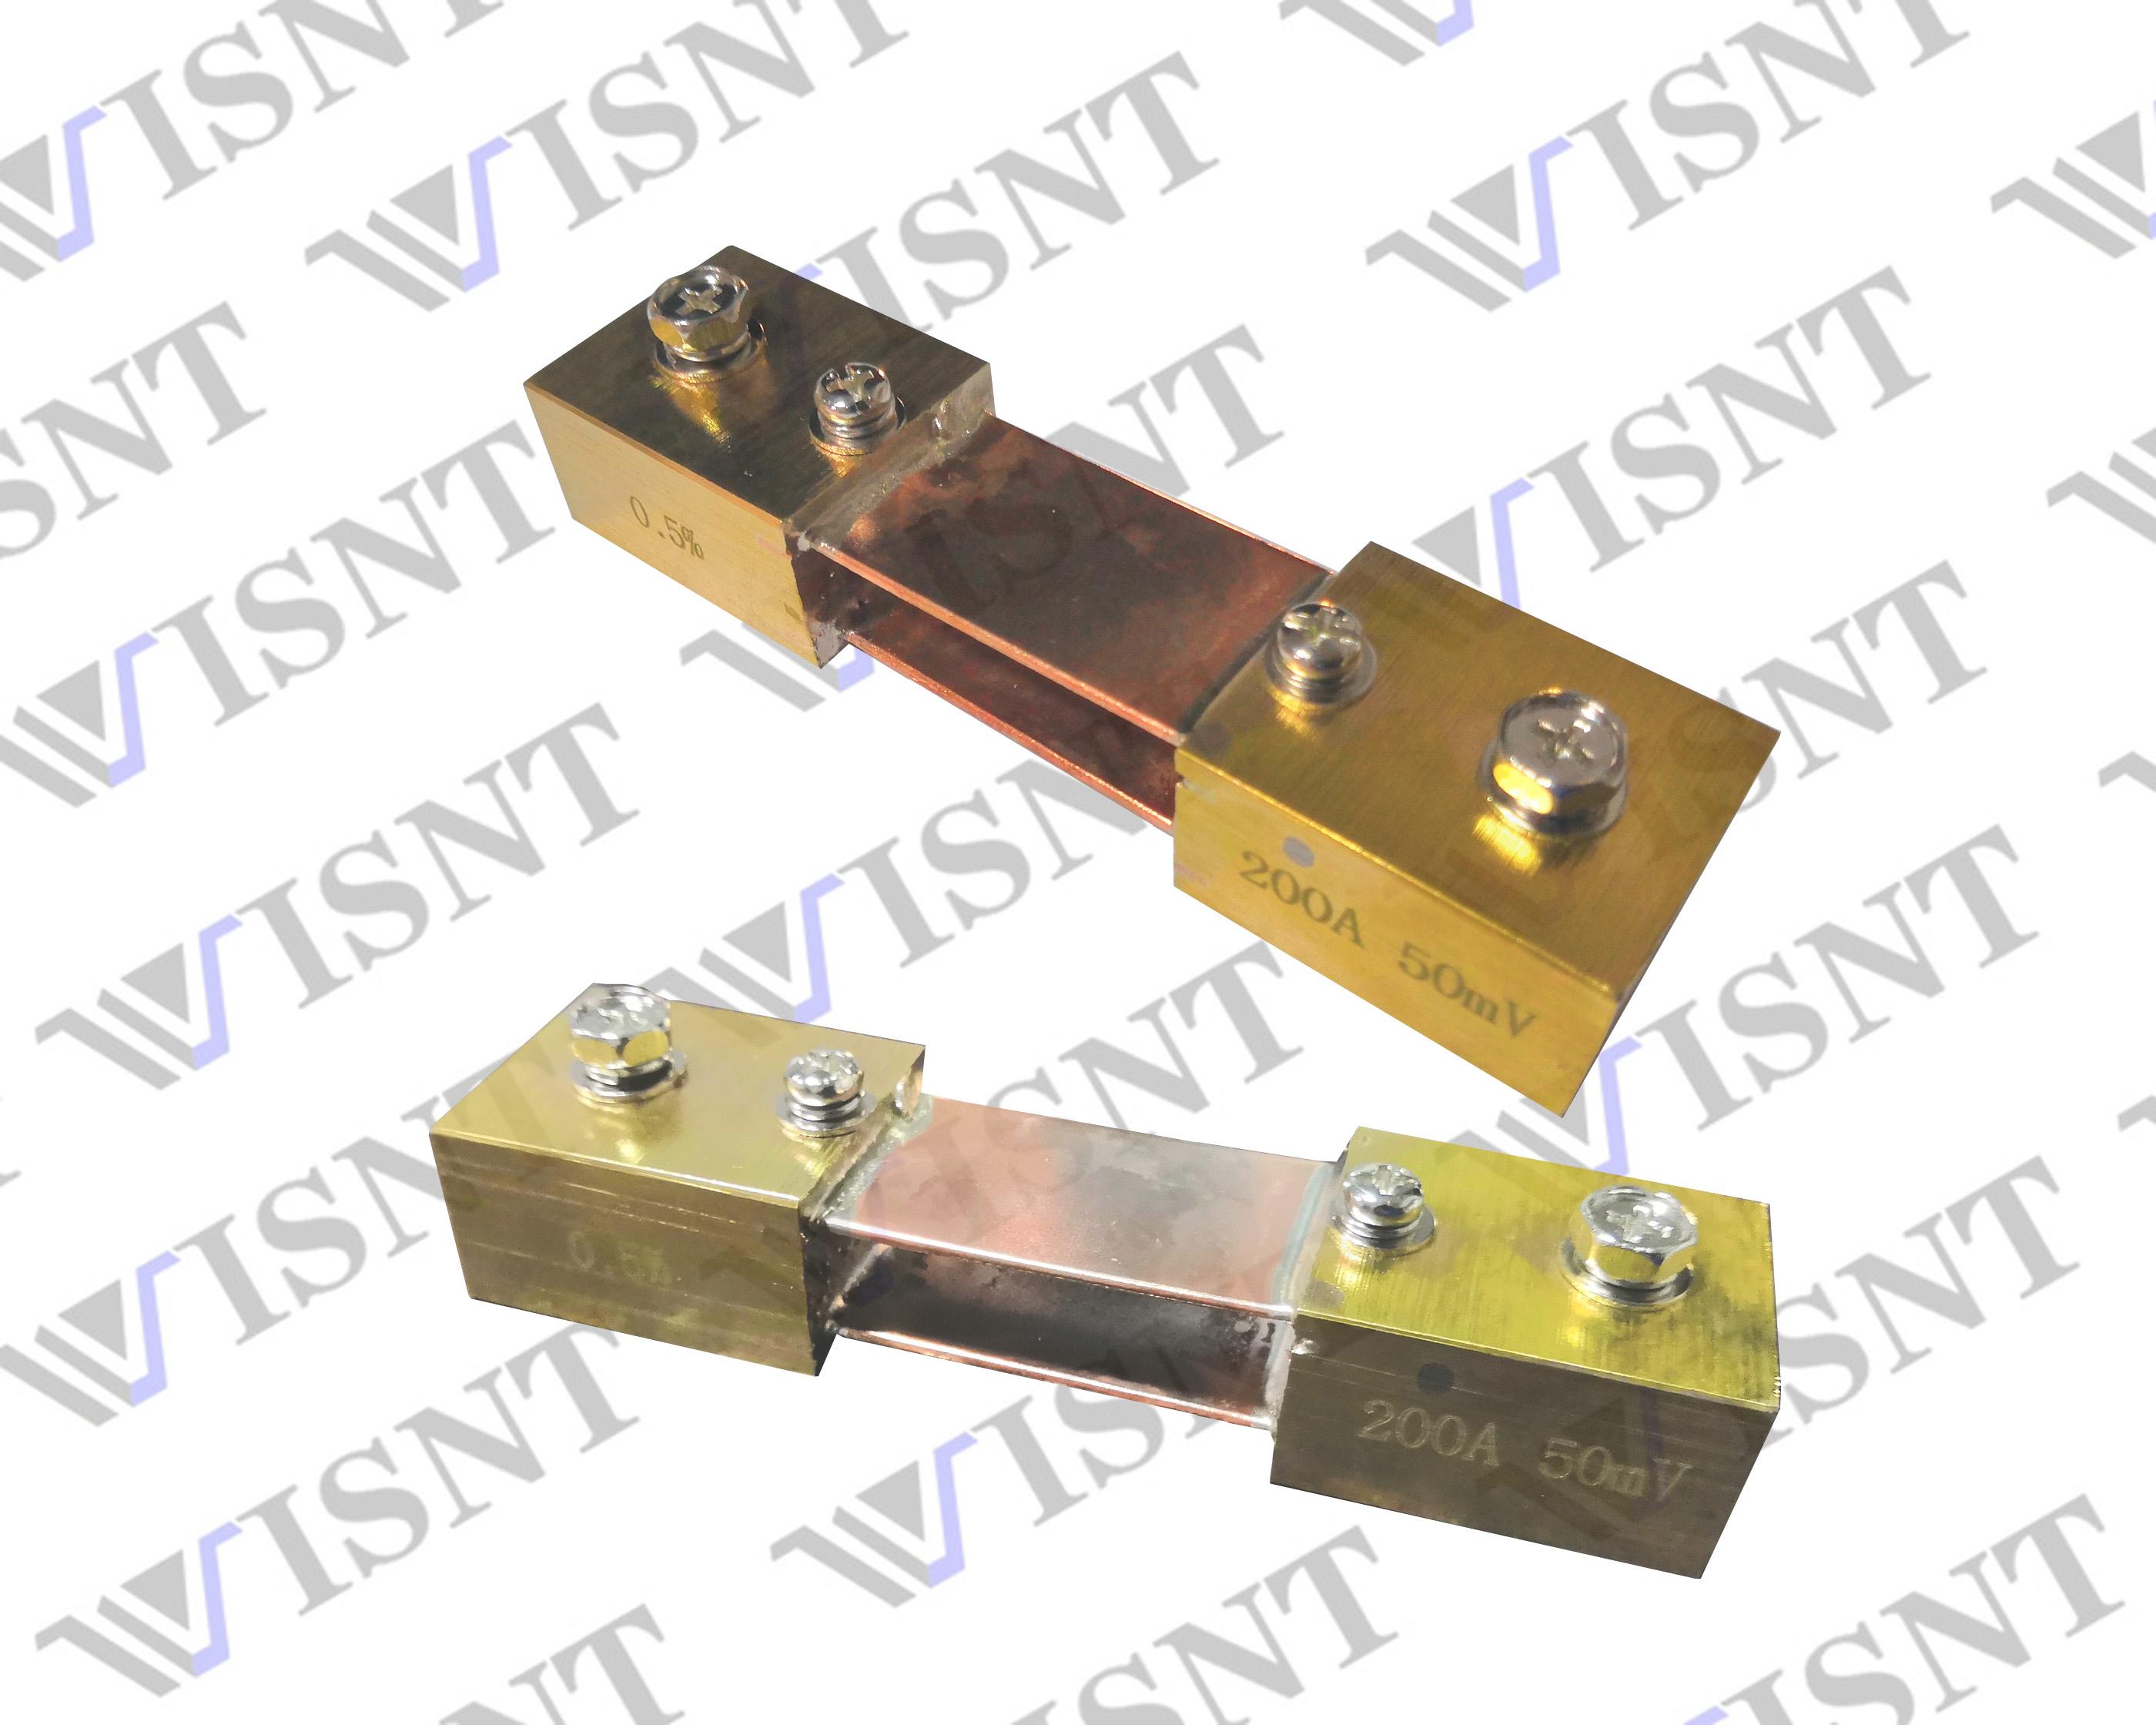 100A high precision current shunts